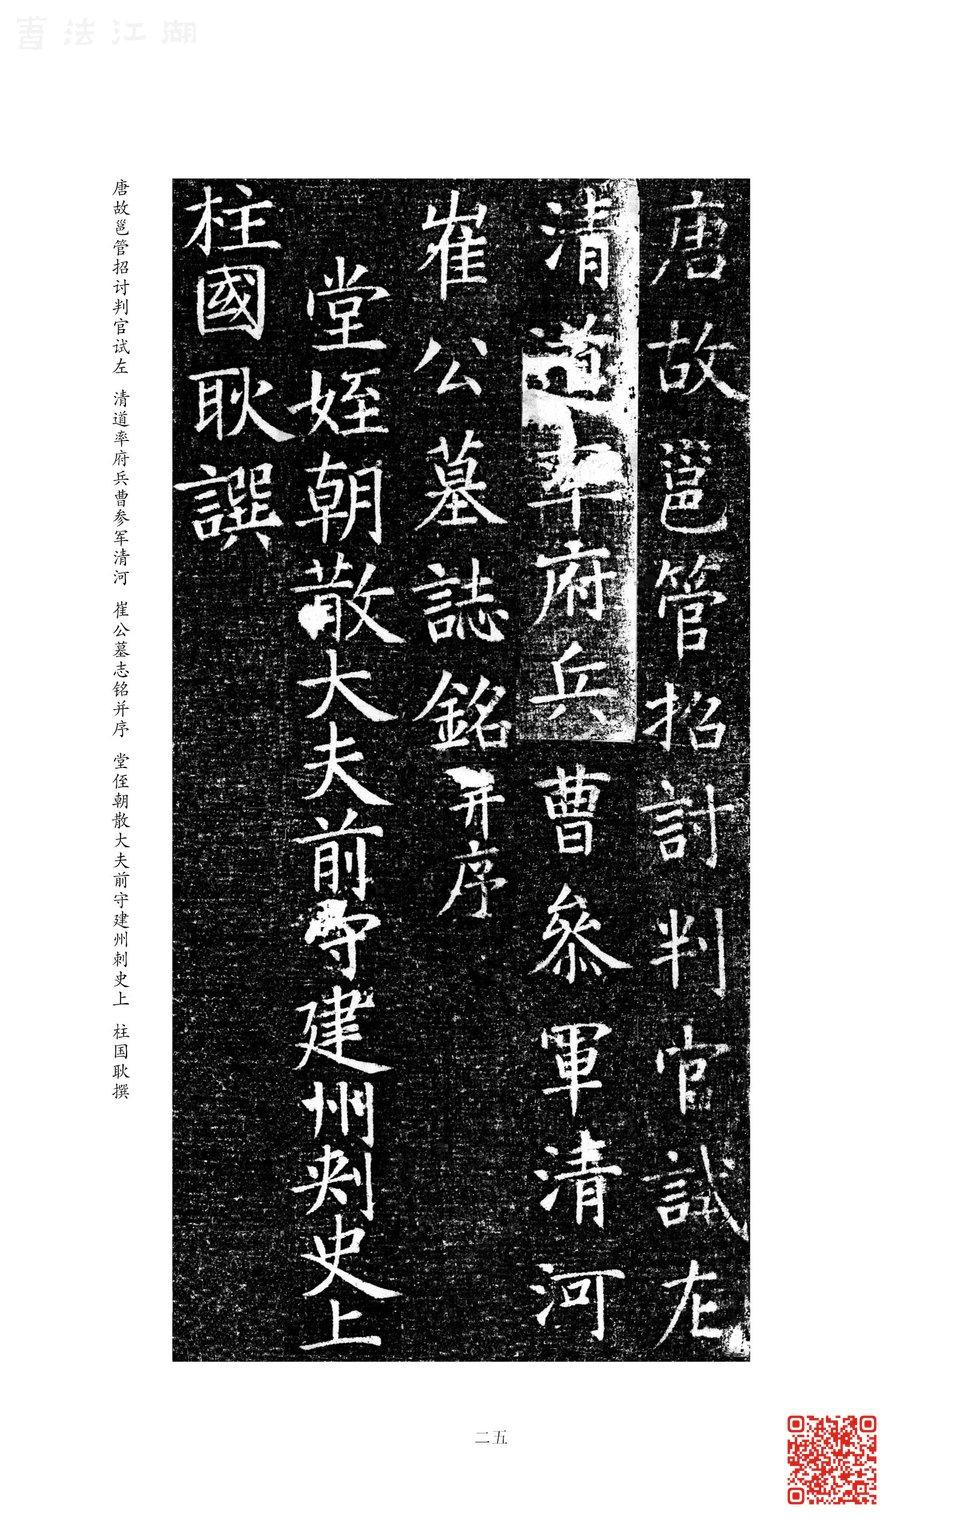 2-楷书发展(下)从隋到唐走向成熟-内页29.jpg